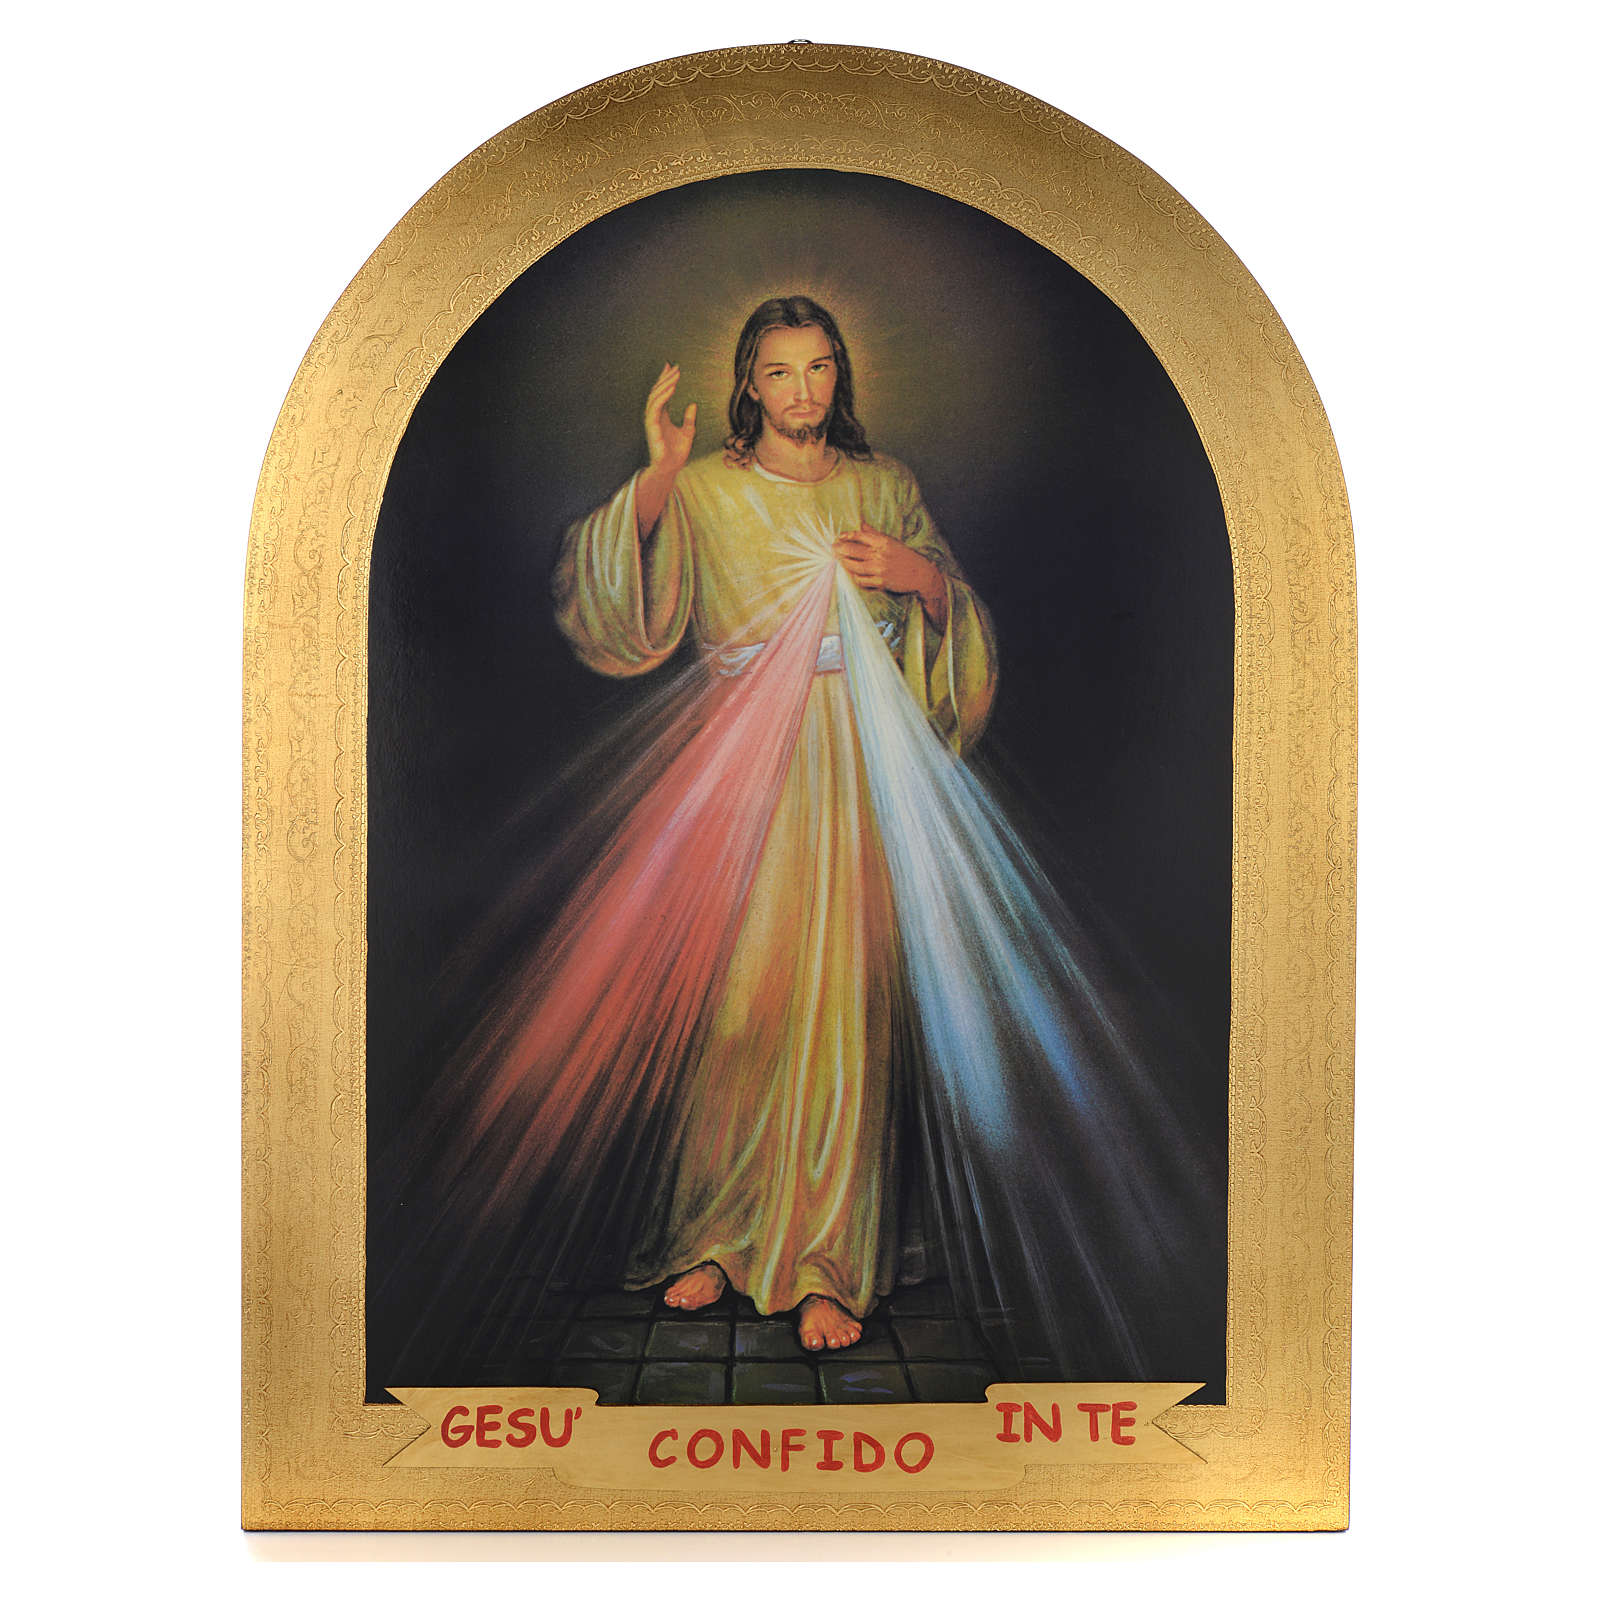 Stampa su legno foglia oro Divina Misericordia 120x90 3